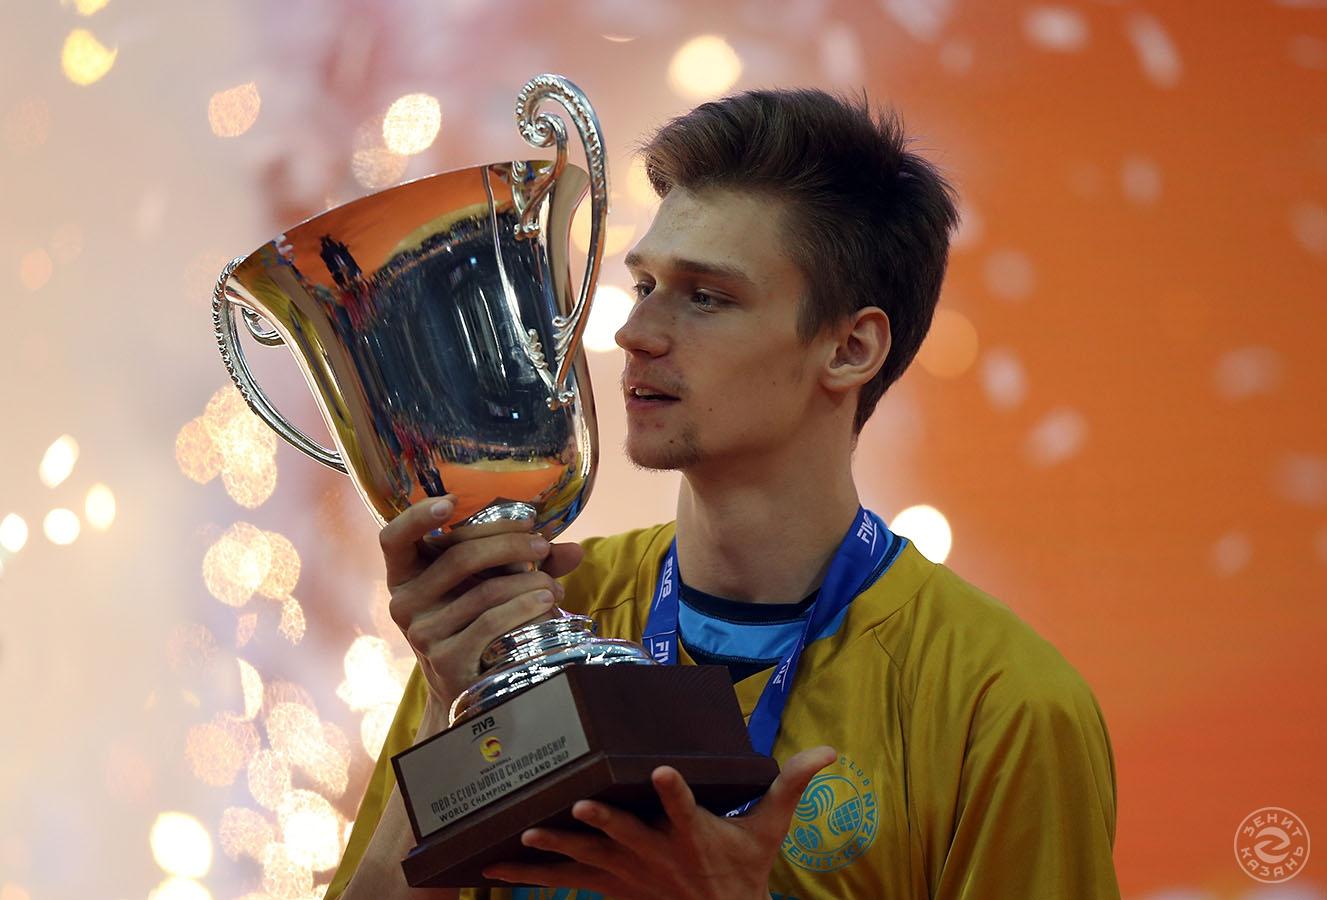 PHOTOGRAPHER. Alexey Likhosherstov 65